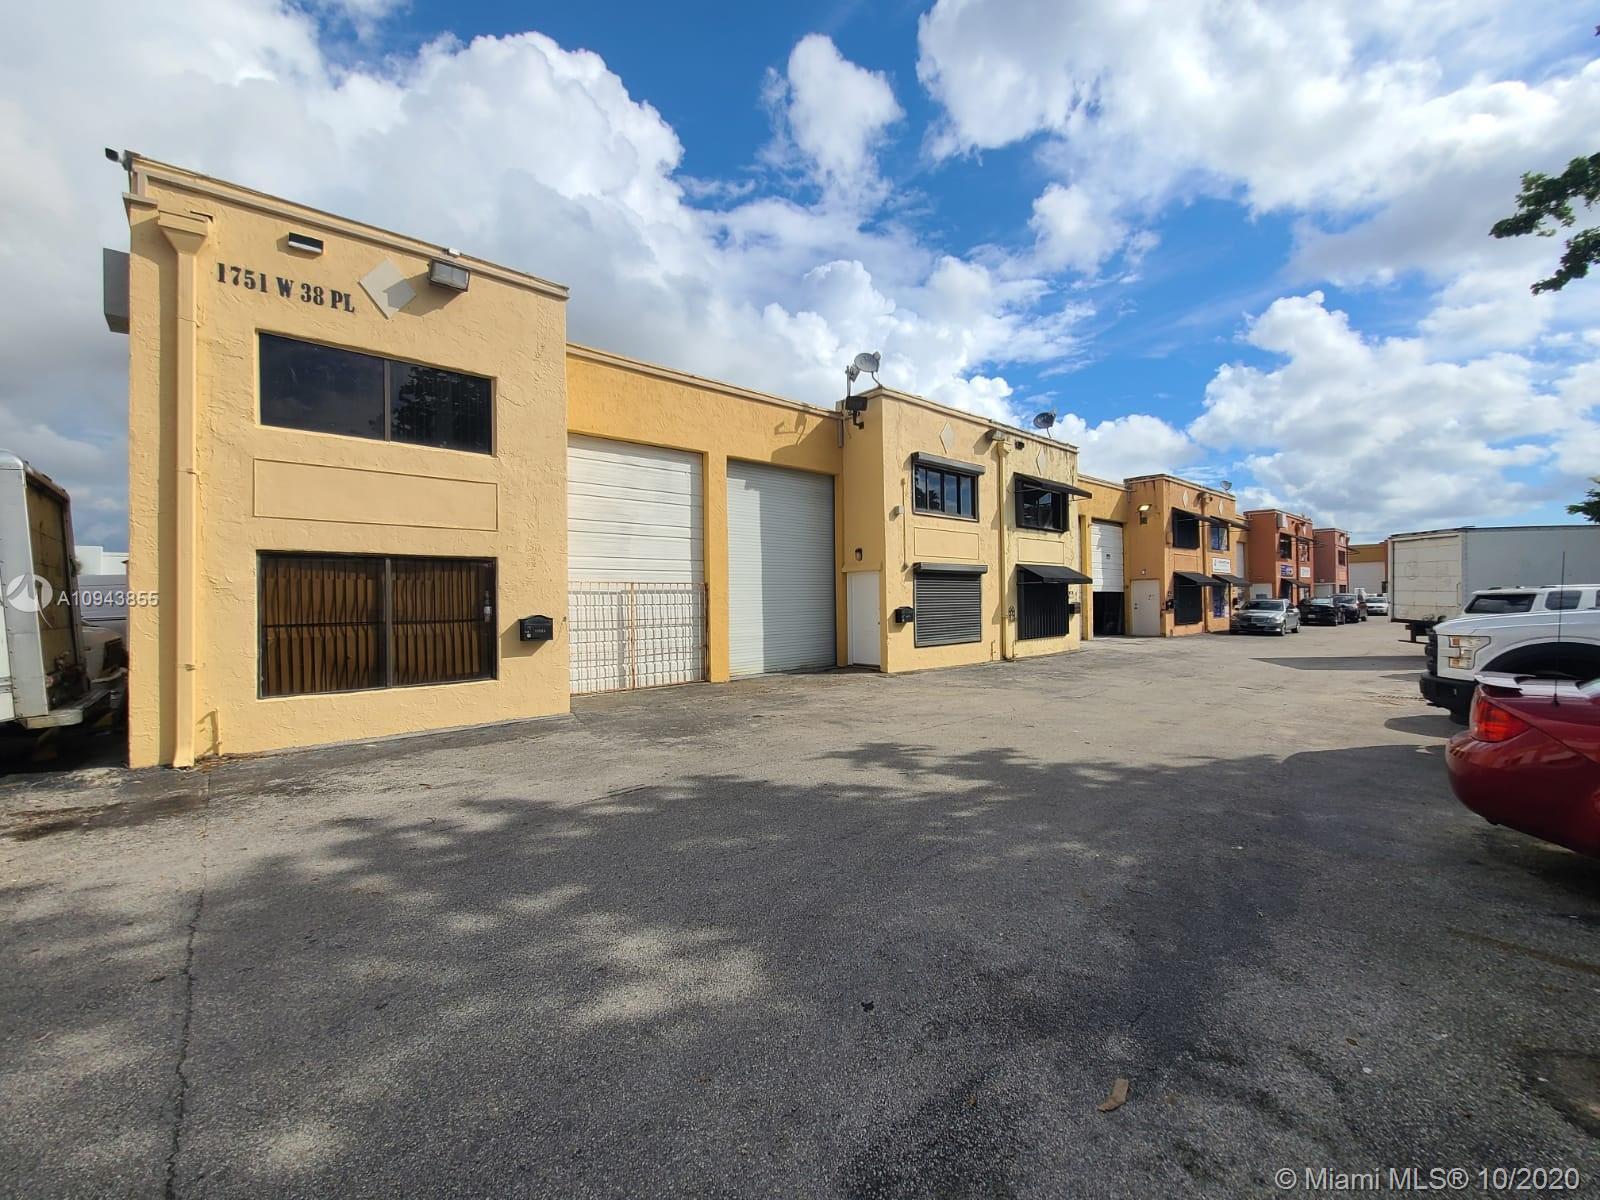 1751 W 38th Pl # A, Hialeah, Florida 33012, ,Commercial Sale,For Sale,1751 W 38th Pl # A,A10943855